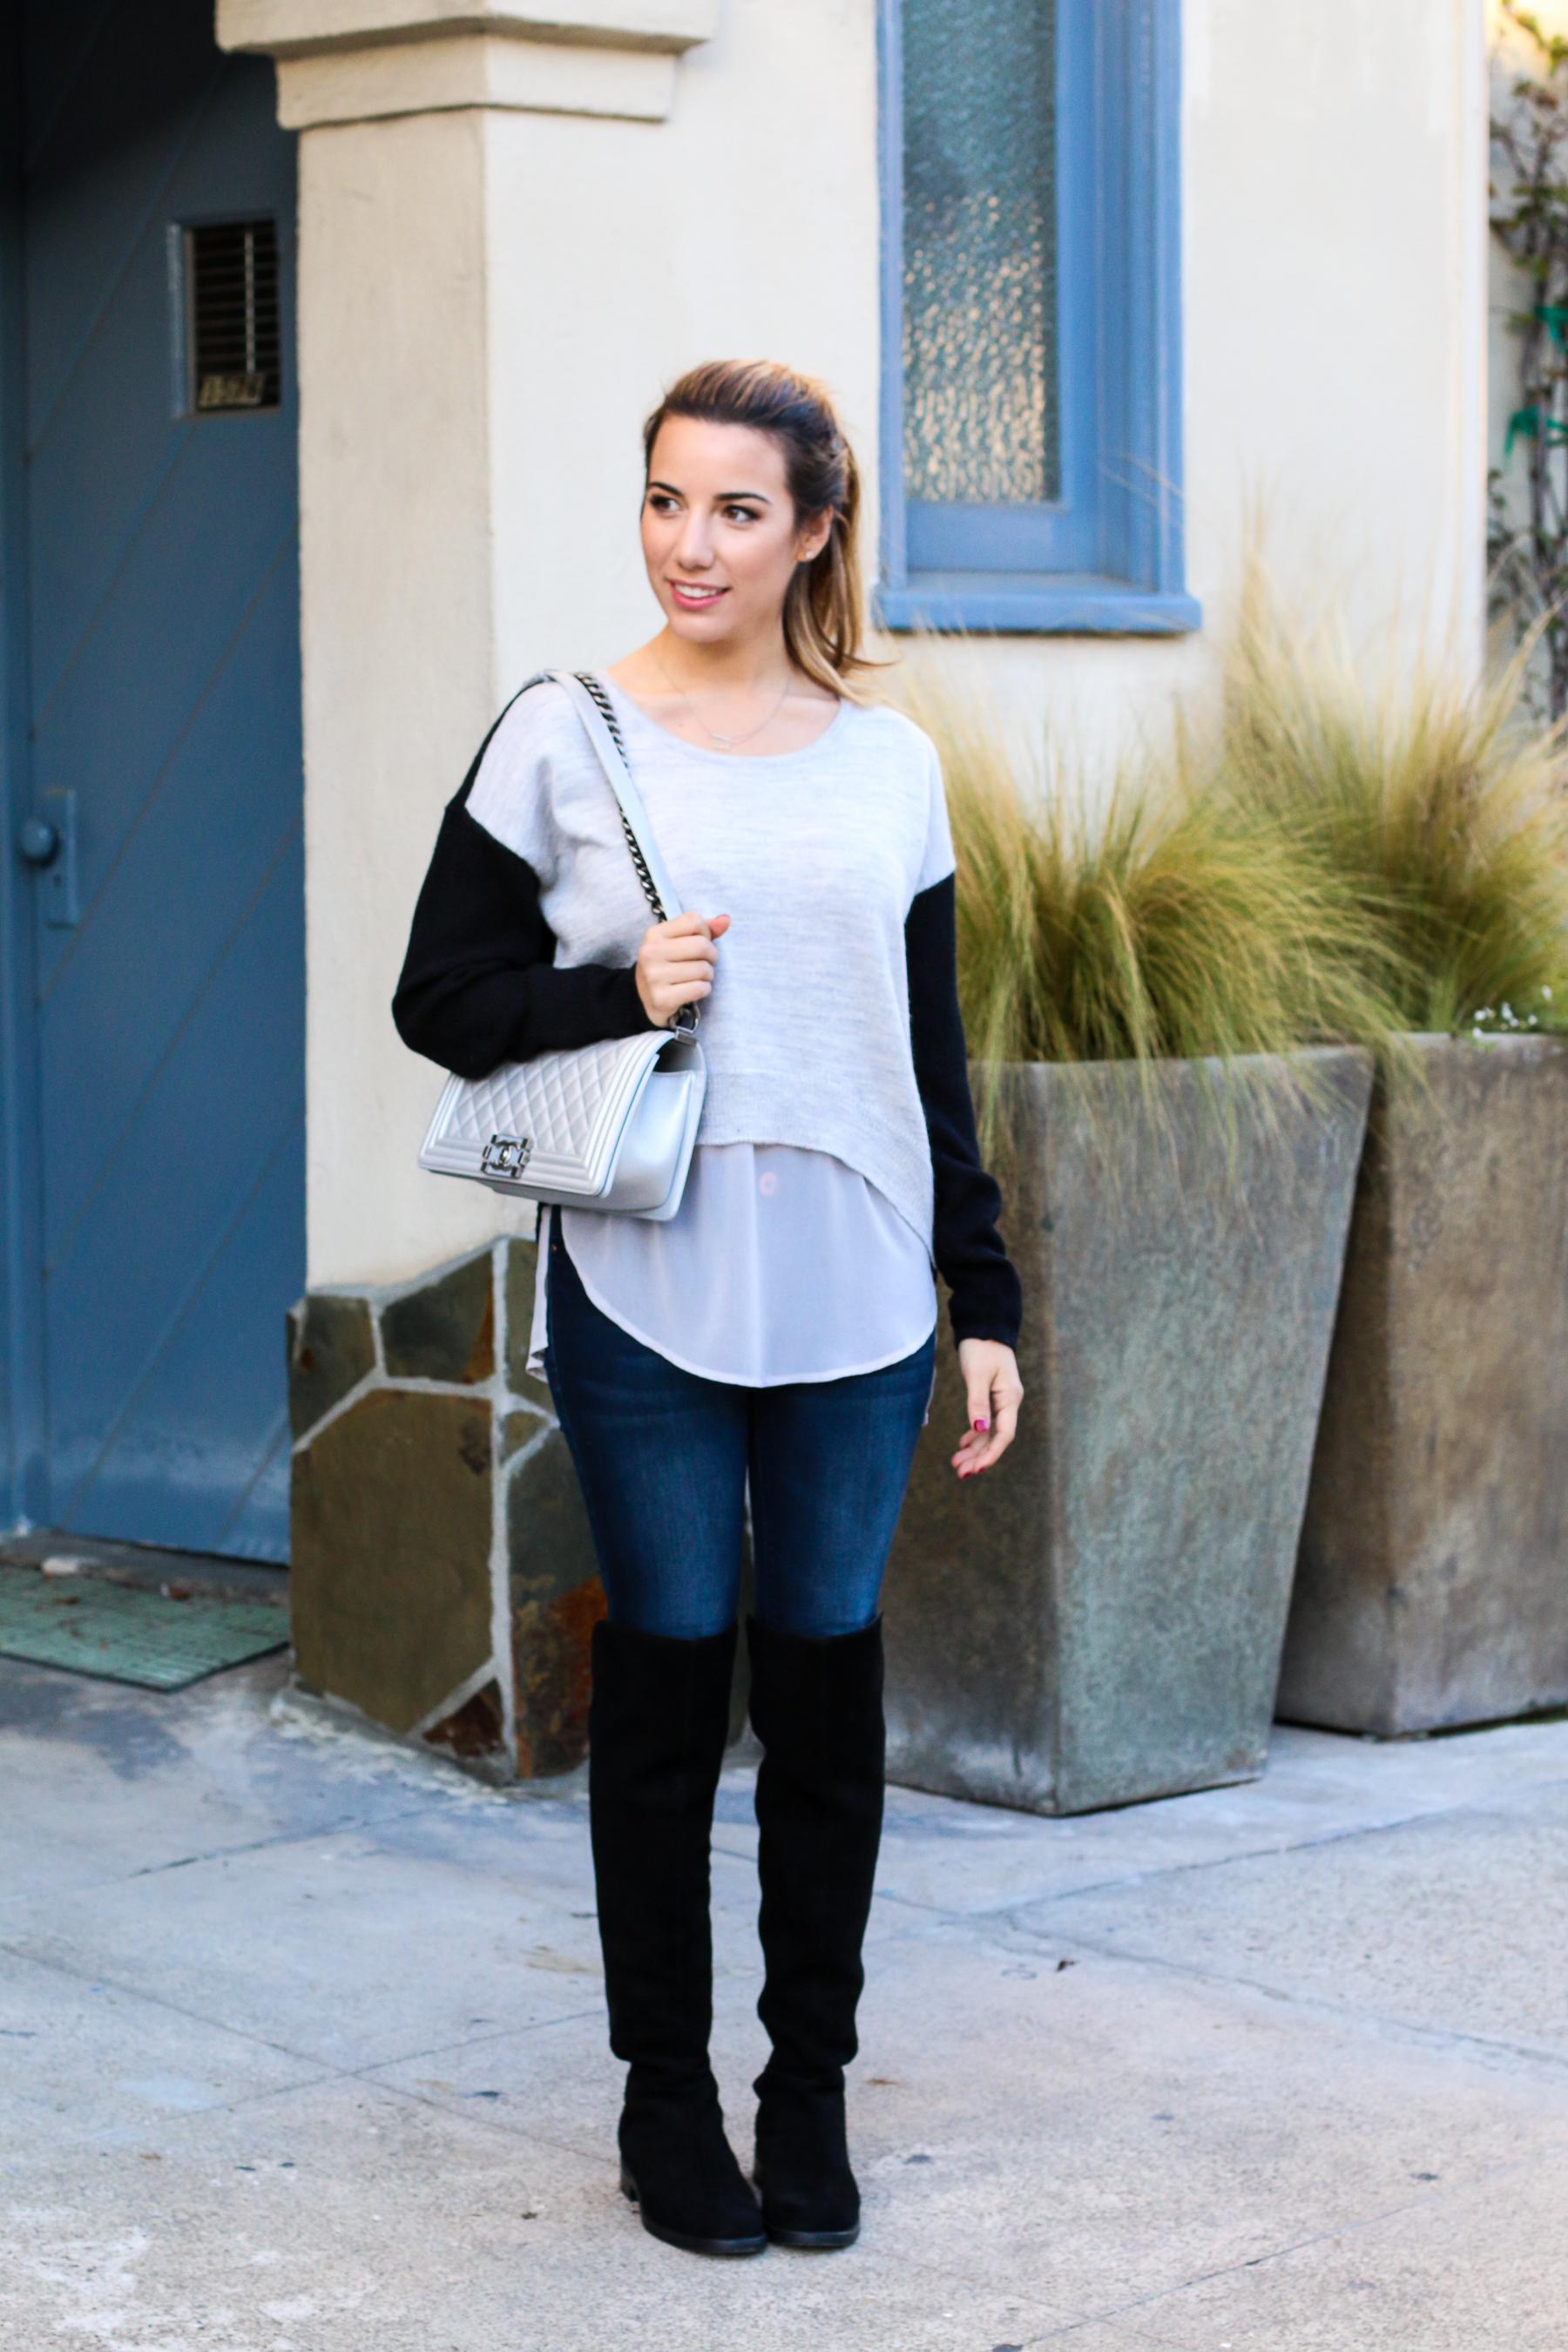 Ariana-Lauren-Fashion-Blogger-San-Francisco-Photography-by-Ryan-Chua-2229